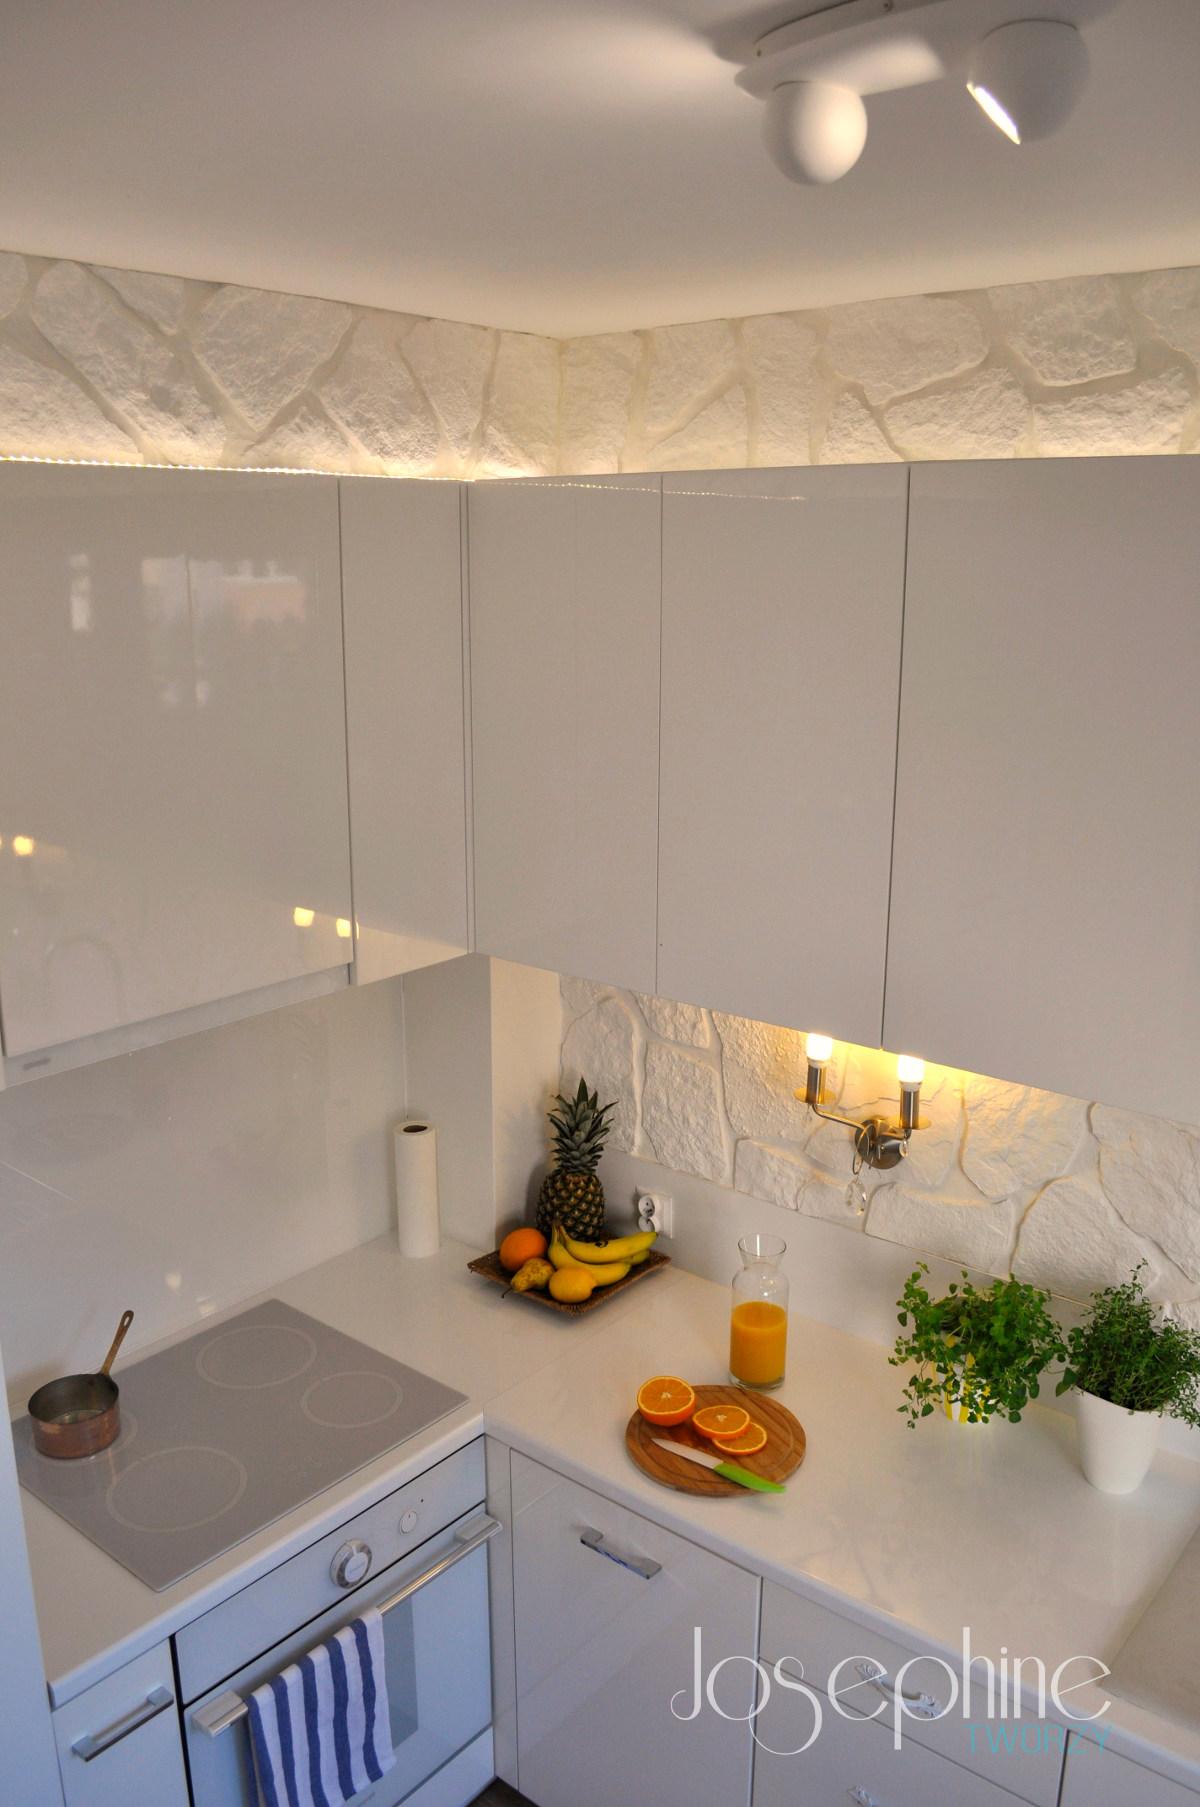 Biała Kuchnia Luksus Czy Przekleństwo Moje Mieszkanie Część